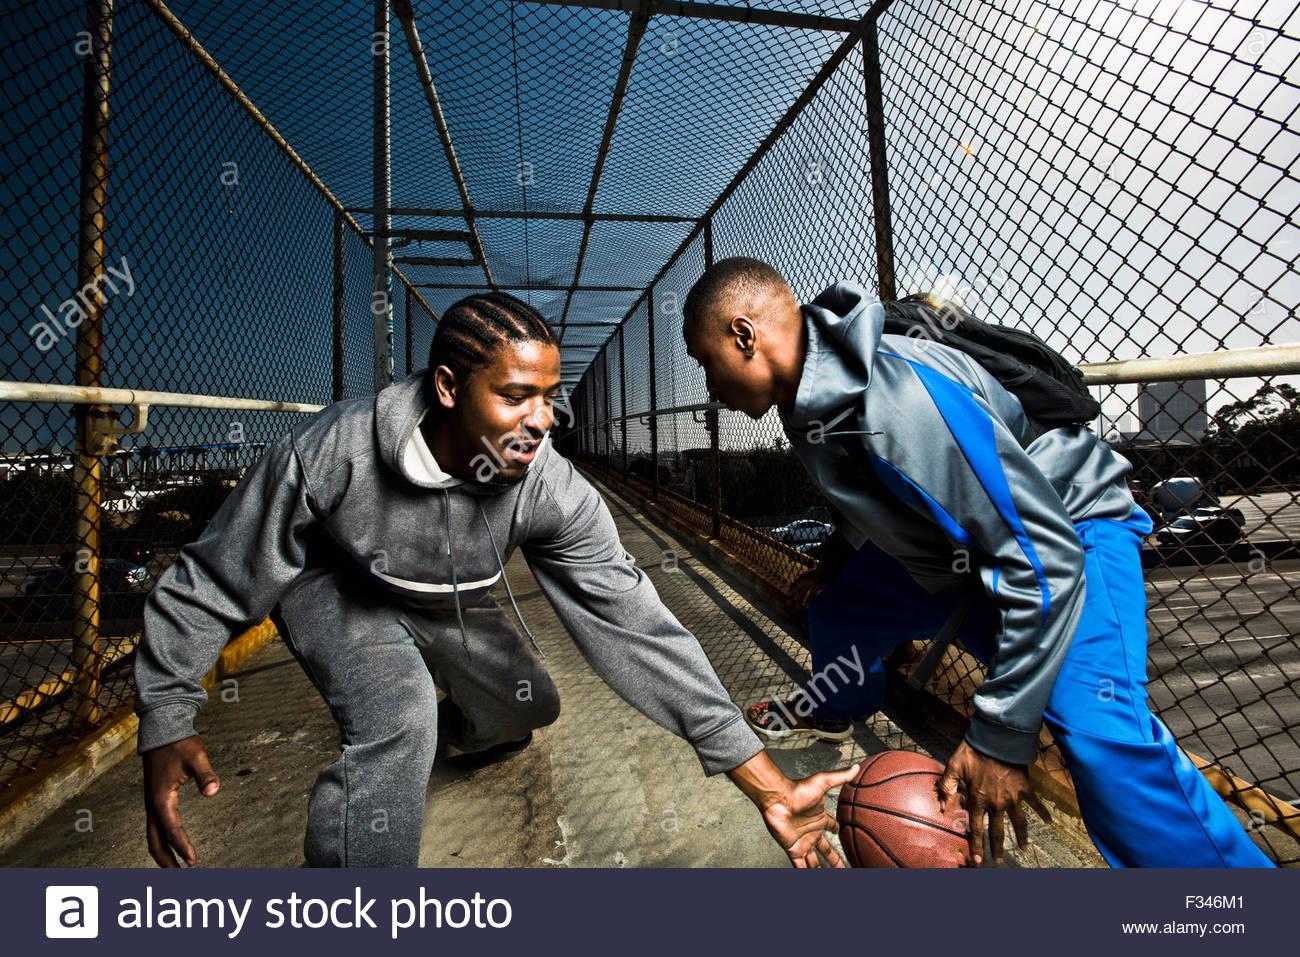 Deux jeunes hommes marchant sur une passerelle de jouer avec un ballon de basket-ball. Photo Stock